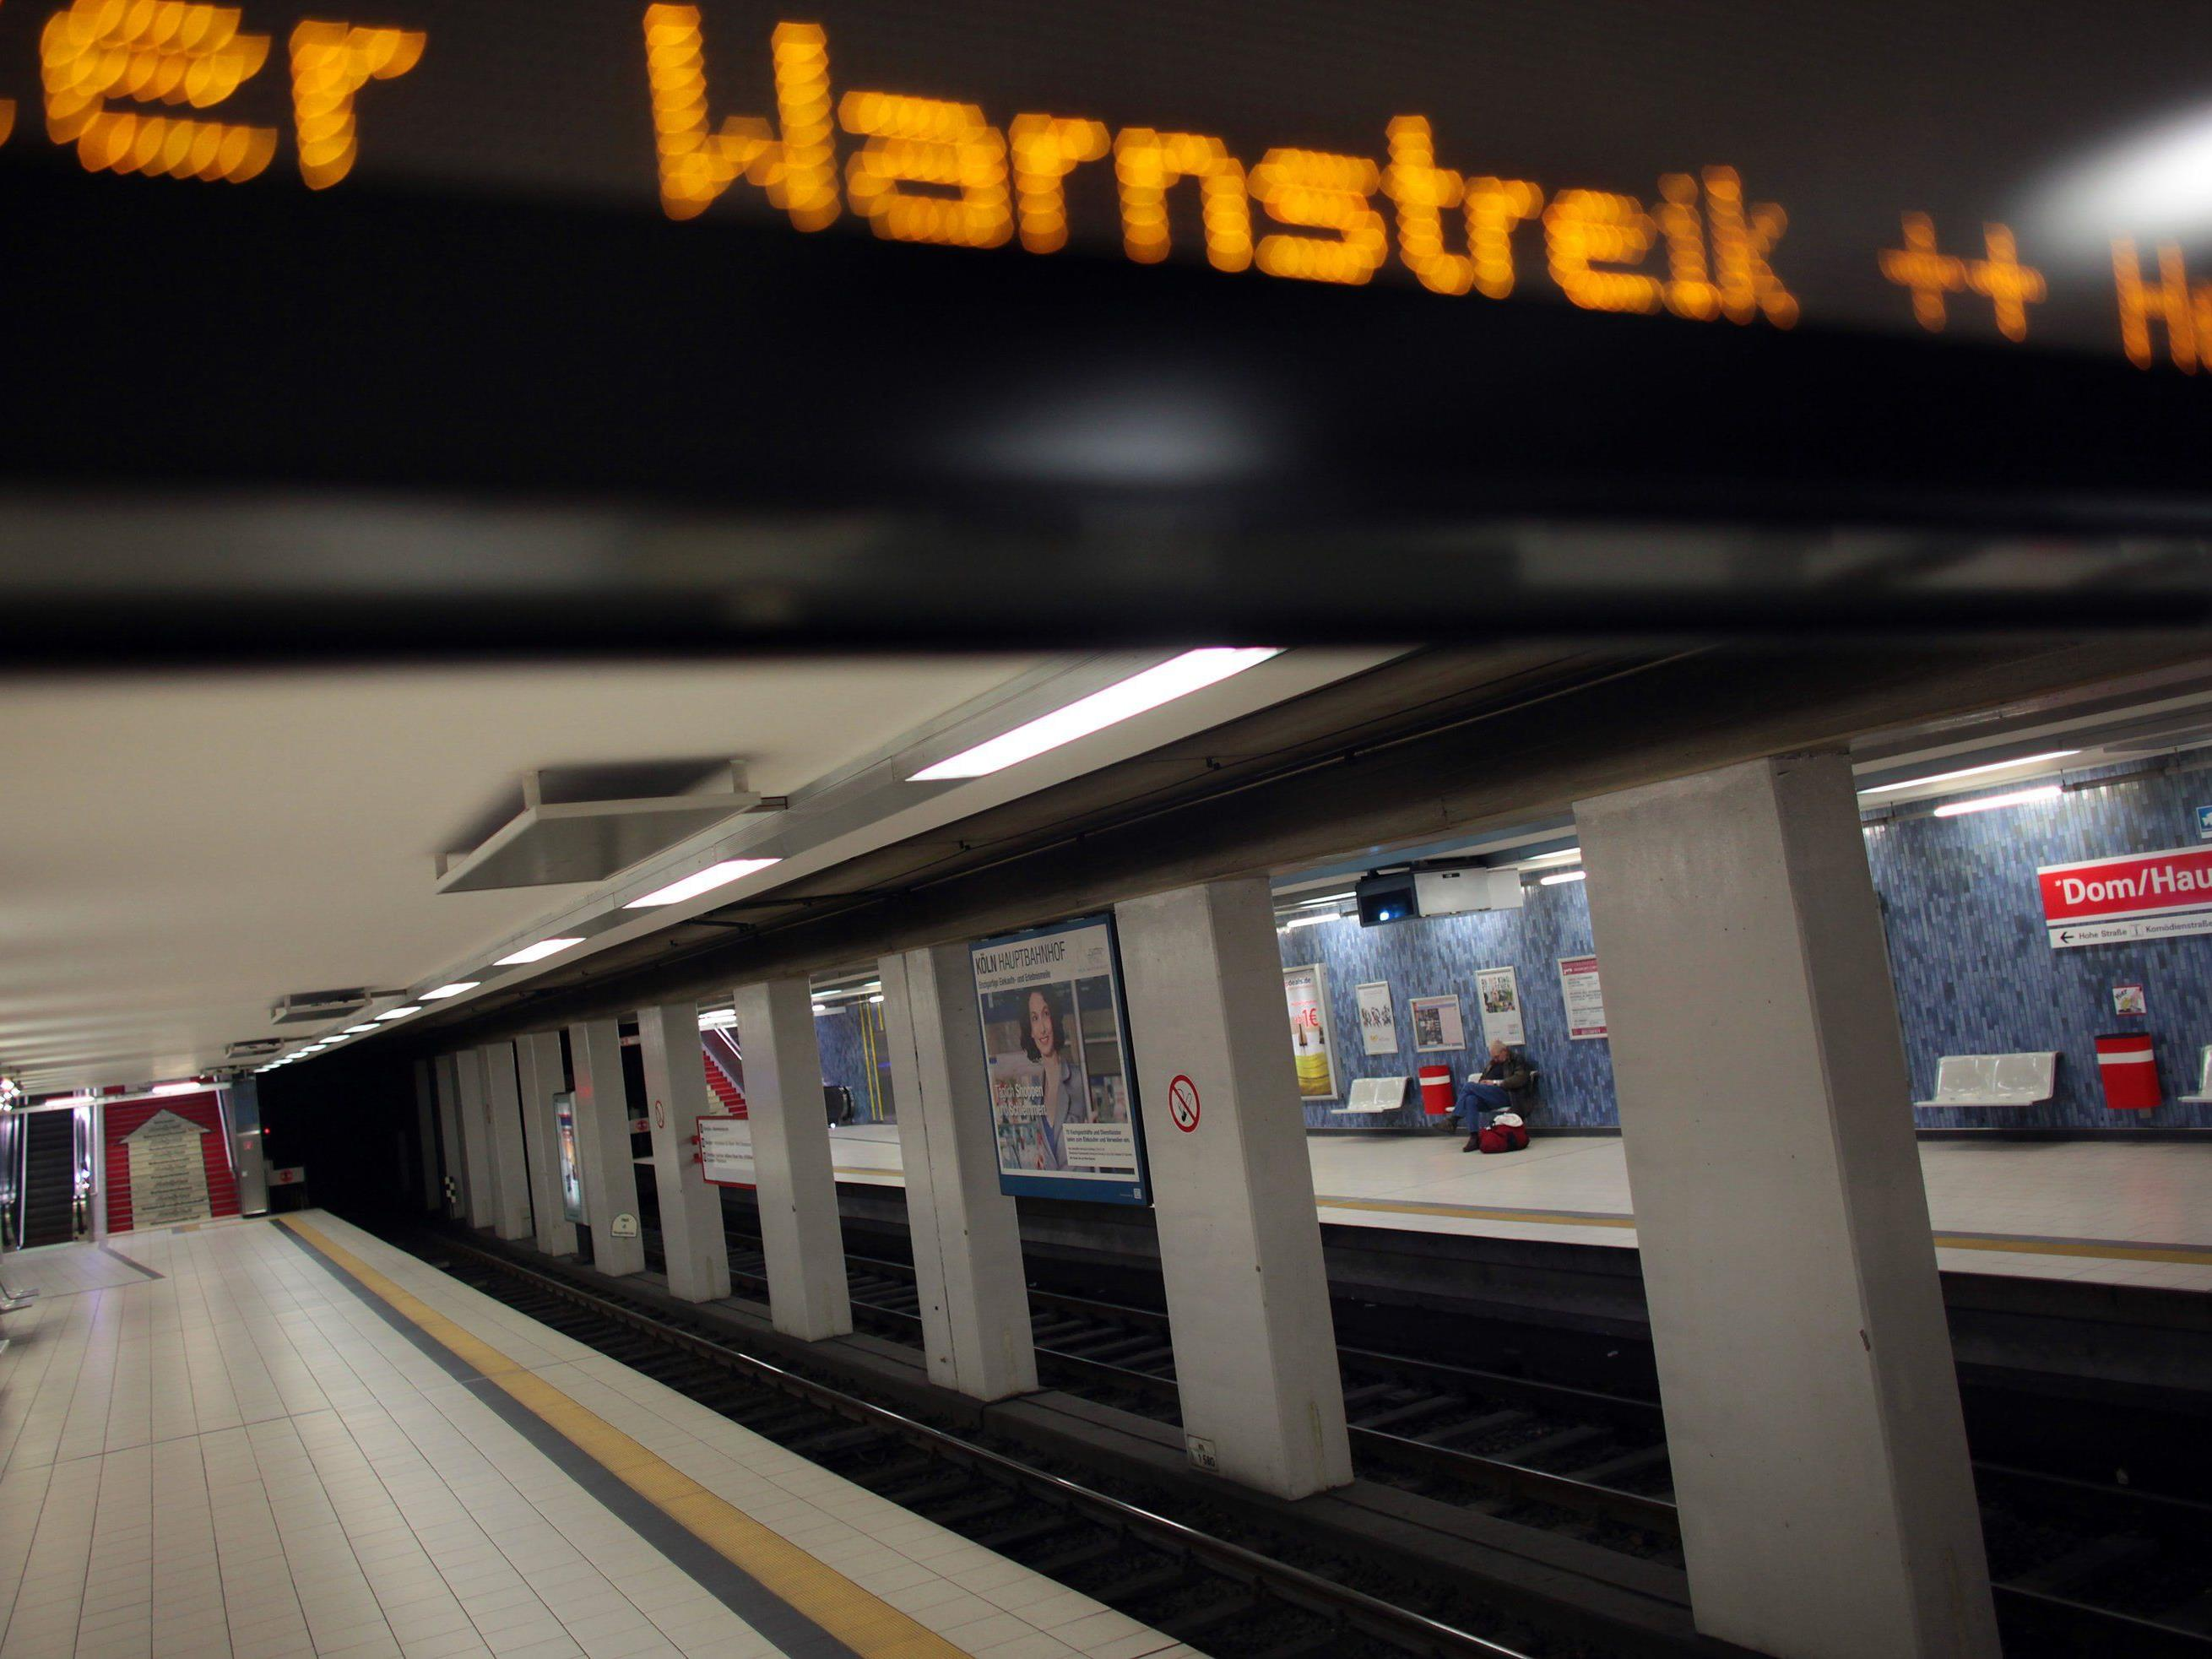 Fahrgäste müssen sich am Abend auf Zugausfälle einstellen - Auch bei Lufthansa weiter Streiks